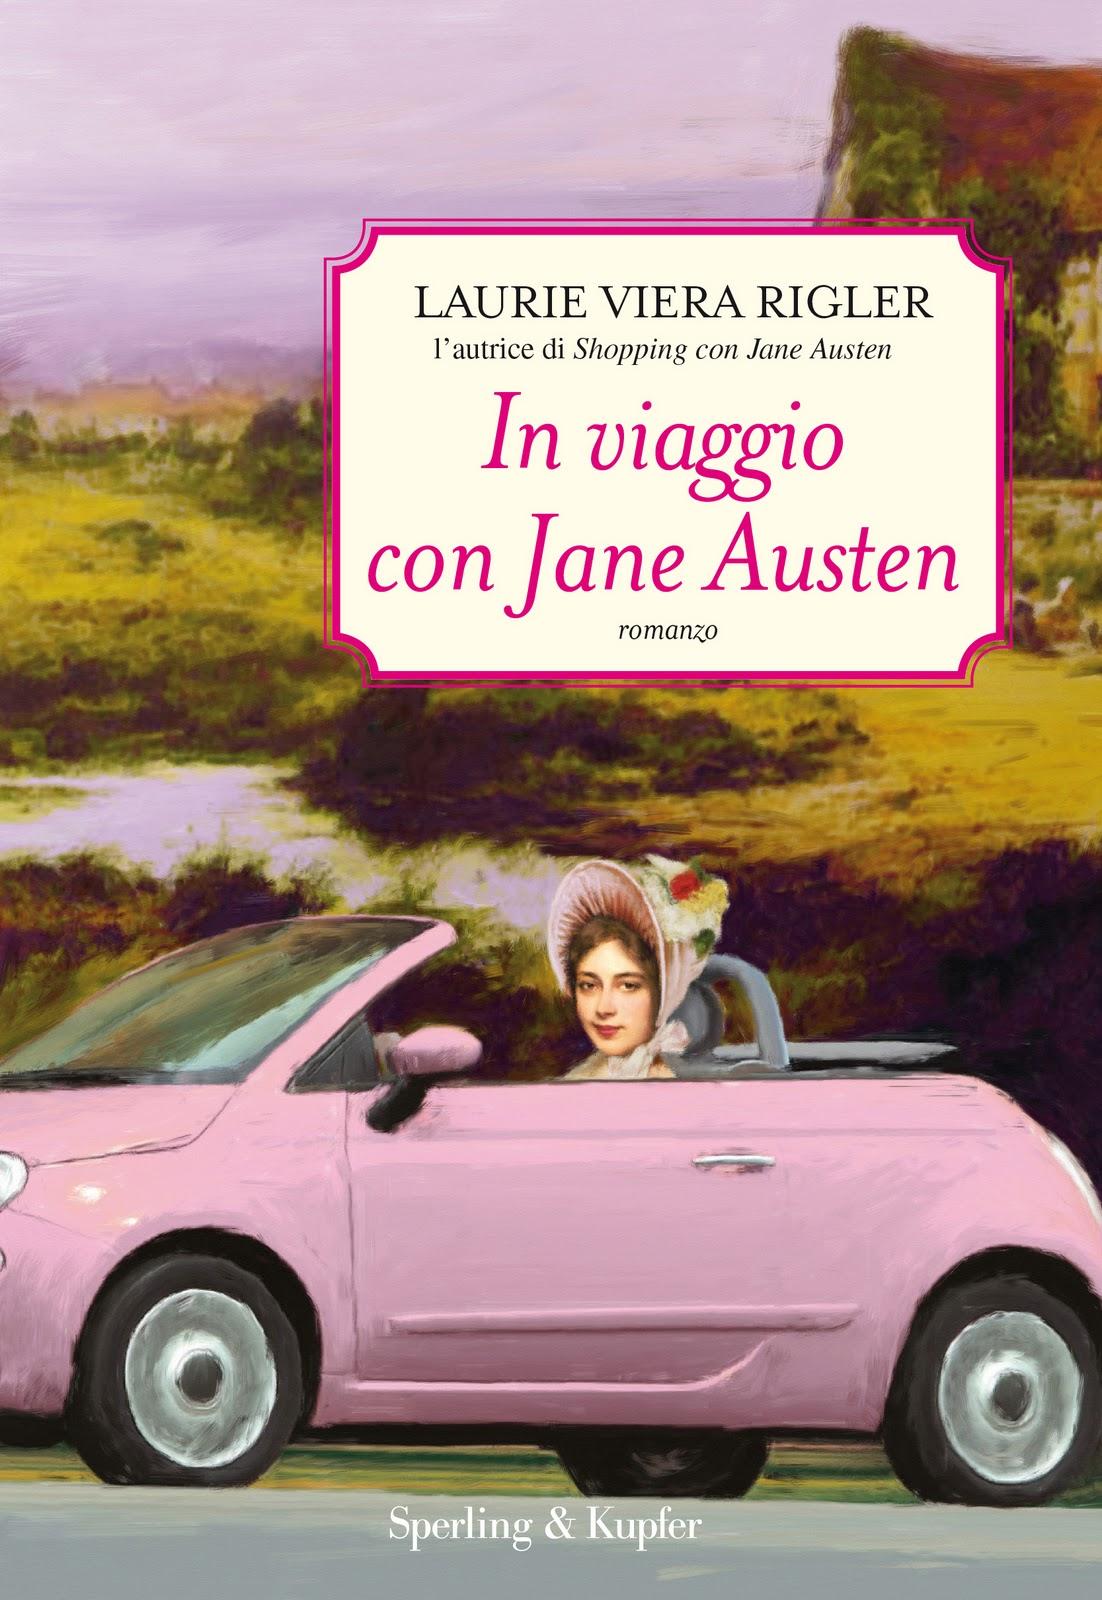 Matrimonio In Jane Austen : La lama di anduril in viaggio con jane austen decumano sud